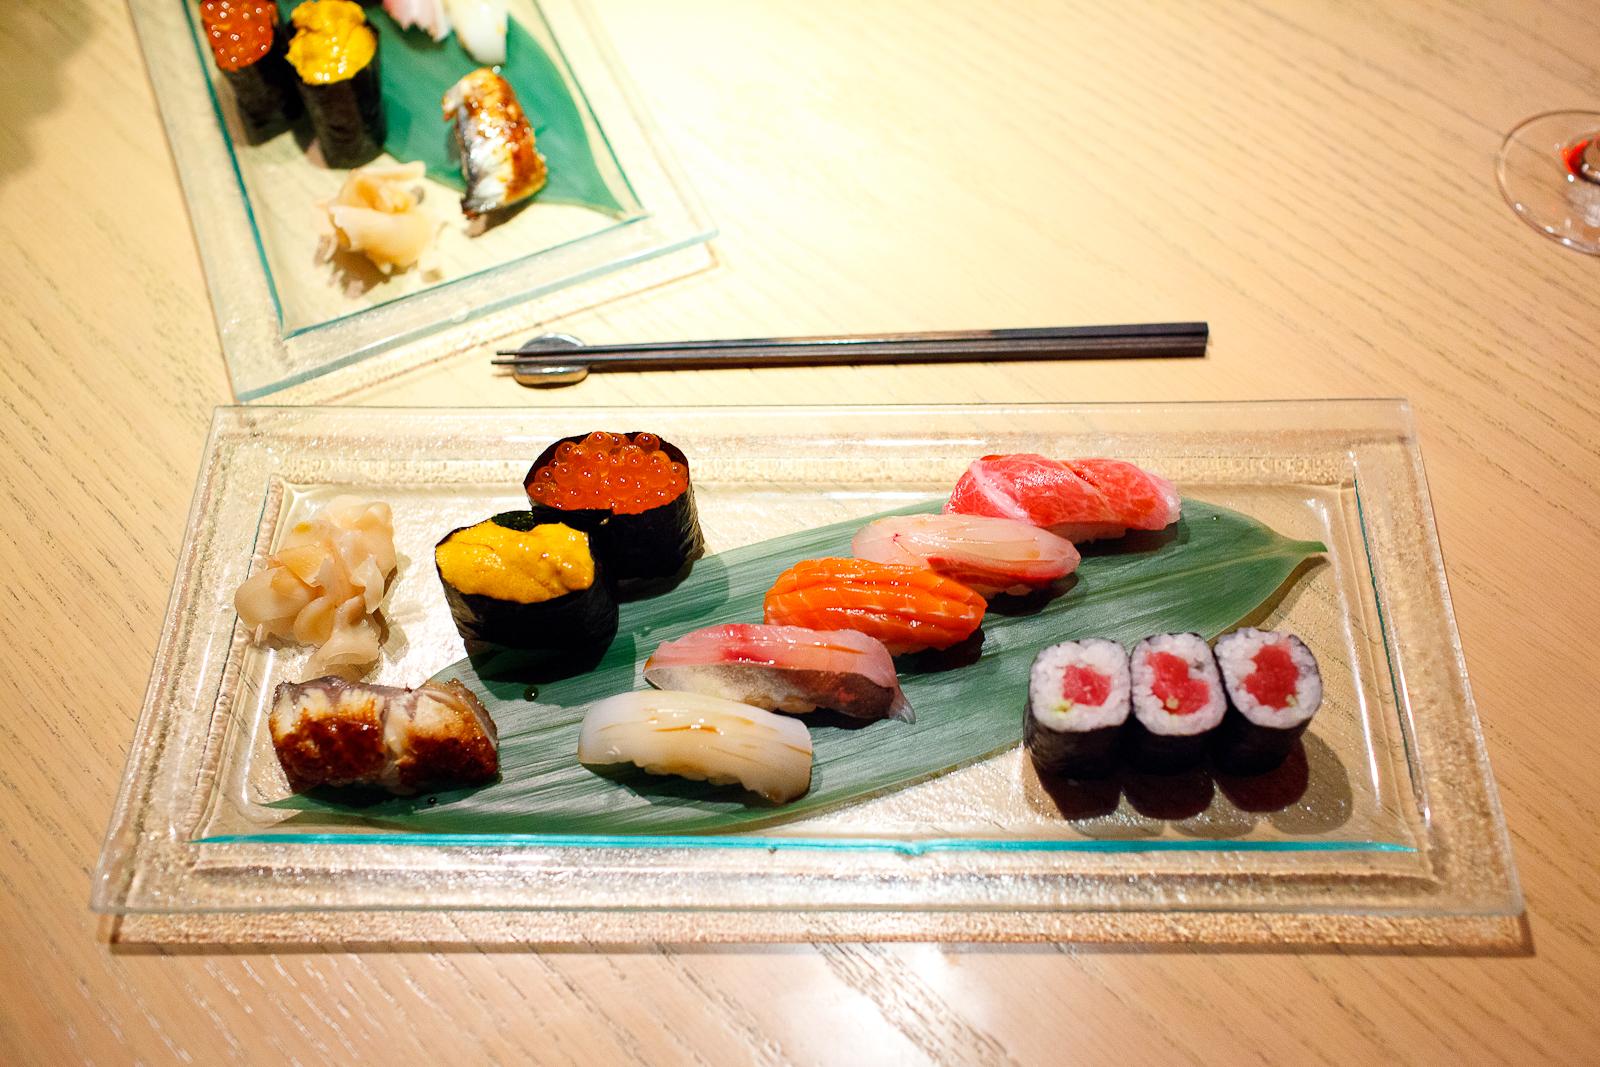 7th Course: Sushi - Blue fin tuna maki, fatty tuna (toro), striped jack, salmon, jack mackerel, squid, salmon roe (ikura), sea urchin, saltwater eel (anago)